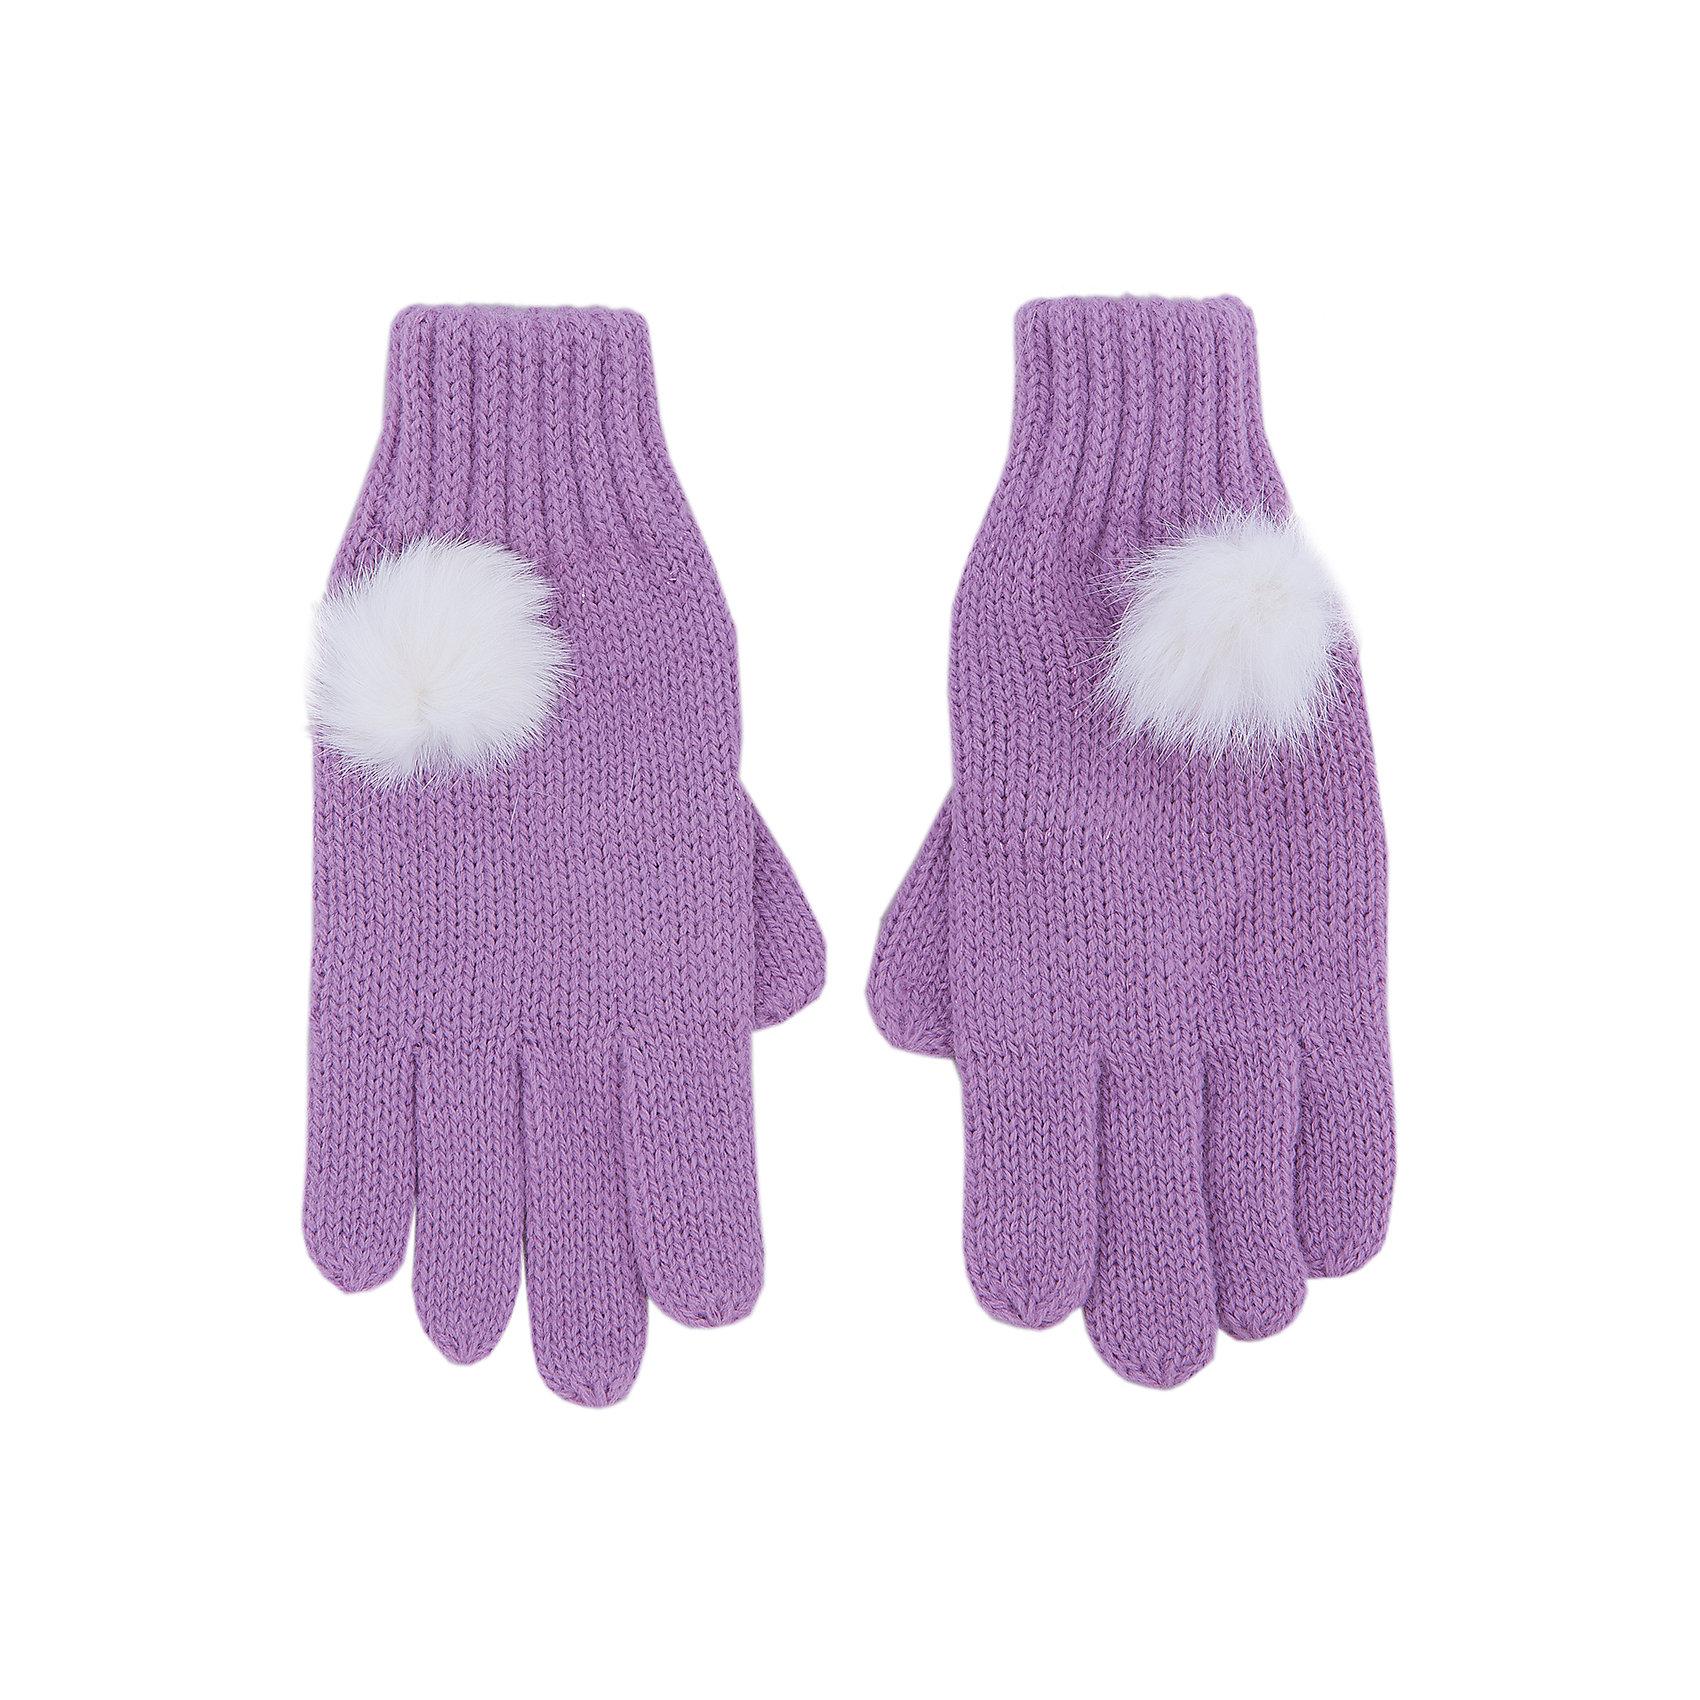 Перчатки для девочки SELAАксессуары и одежда от SELA - это качество и отличные цены. Перчатки для девочки из новой коллекции будут прекрасным дополнением нового осеннего образа для ребенка. Разнообразное цветовое решение позволит подобрать перчатки на любой вкус. <br>Перчатки выполнены плотной машинной вязкой, что надежно защищает детские руки от холода и ветра. Декоративный меховой элемент белого цвета прочно пришит и добавляет изделию оригинальности.  <br>Все материалы, использованные в создании изделия,  отвечают современным требованиям по качеству и безопасности продукции. <br><br>Дополнительная информация:<br><br>цвет: фиалковый;<br>состав: 98% акрил, 2% люрекс.<br><br>Перчатки для девочки от компании SELA можно купить в нашем магазине.<br><br>Ширина мм: 162<br>Глубина мм: 171<br>Высота мм: 55<br>Вес г: 119<br>Цвет: фиолетовый<br>Возраст от месяцев: 96<br>Возраст до месяцев: 120<br>Пол: Женский<br>Возраст: Детский<br>Размер: 16,14<br>SKU: 4913019